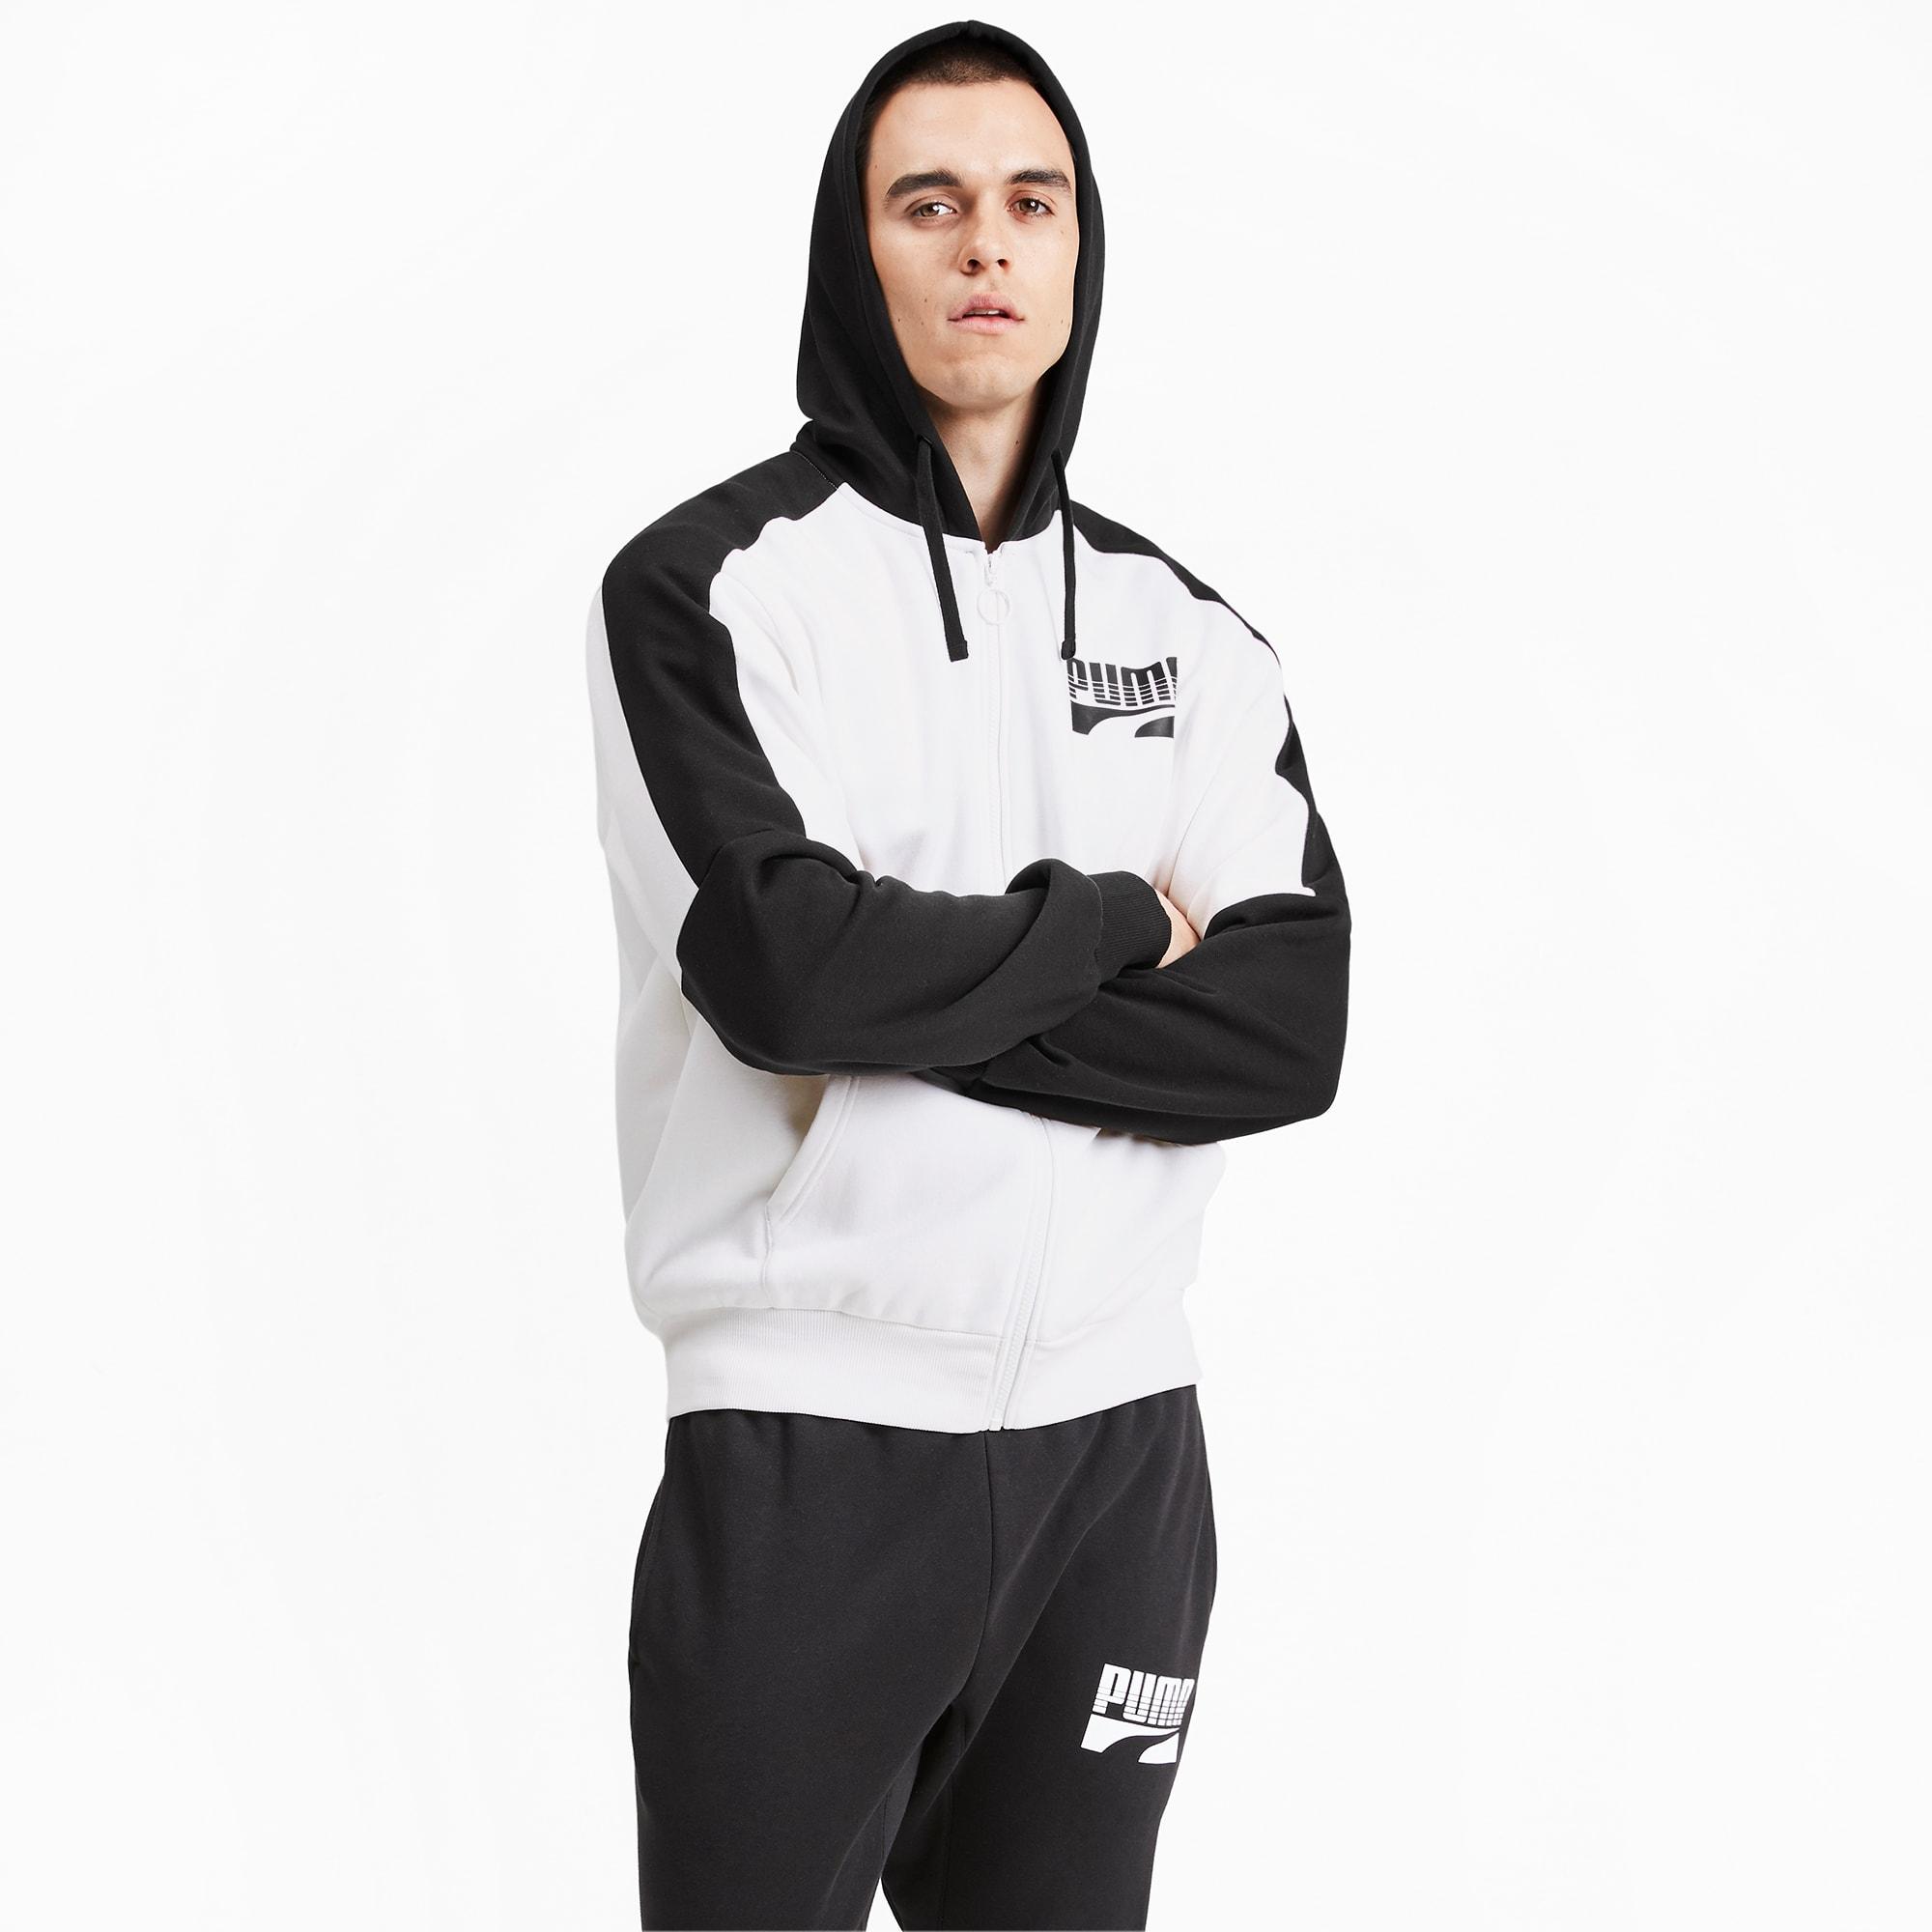 blouson en sweat rebel block avec capuche pour homme, blanc, taille xs, vêtements